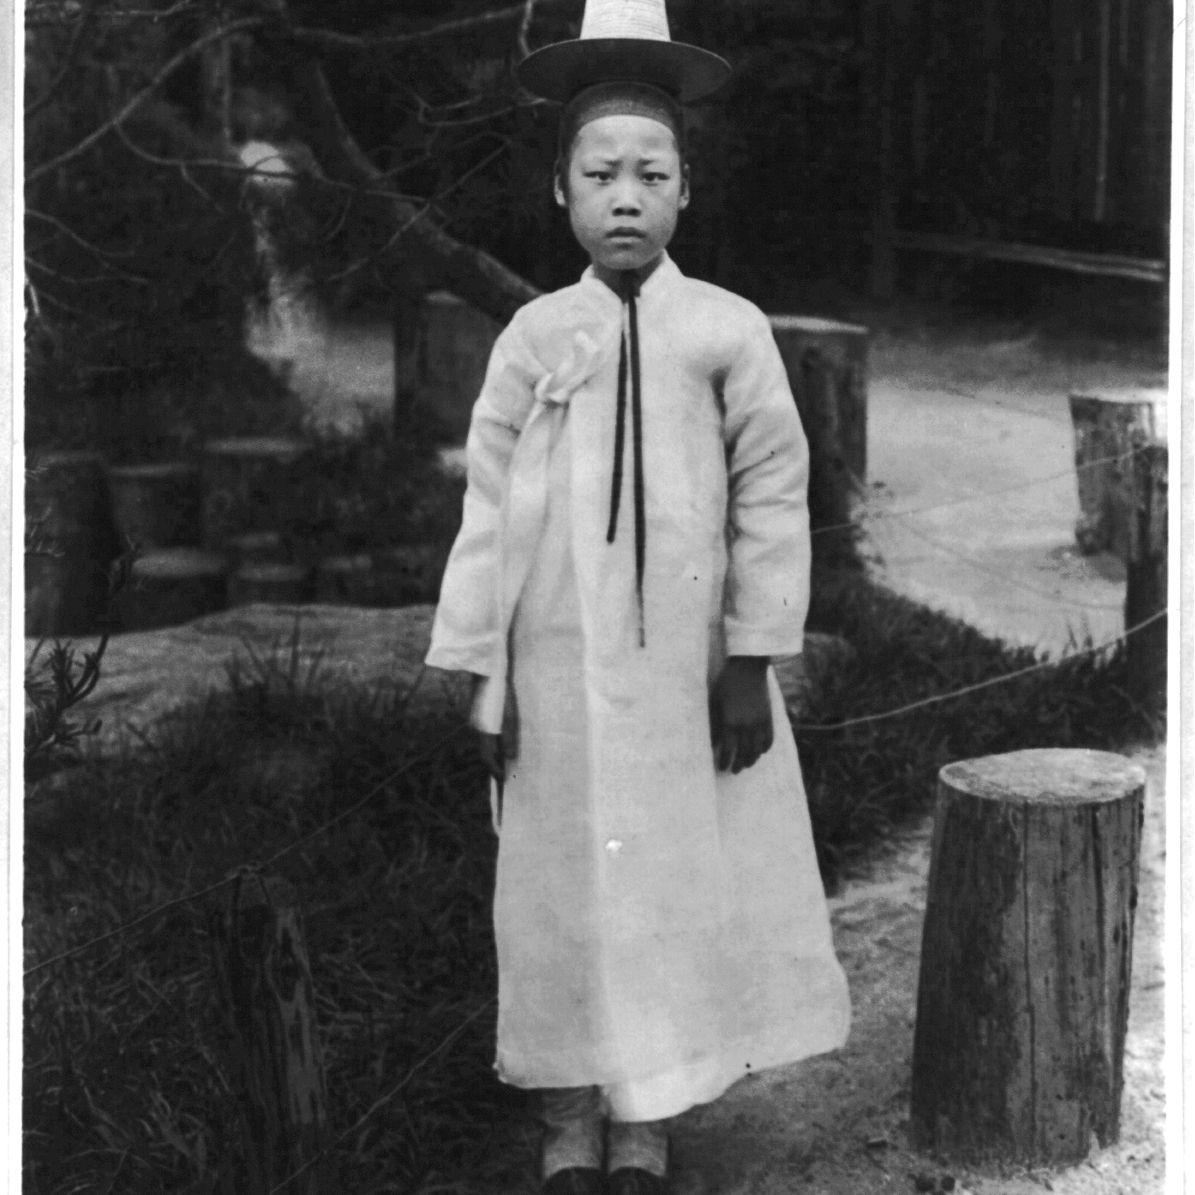 Photo c. 1910-1920